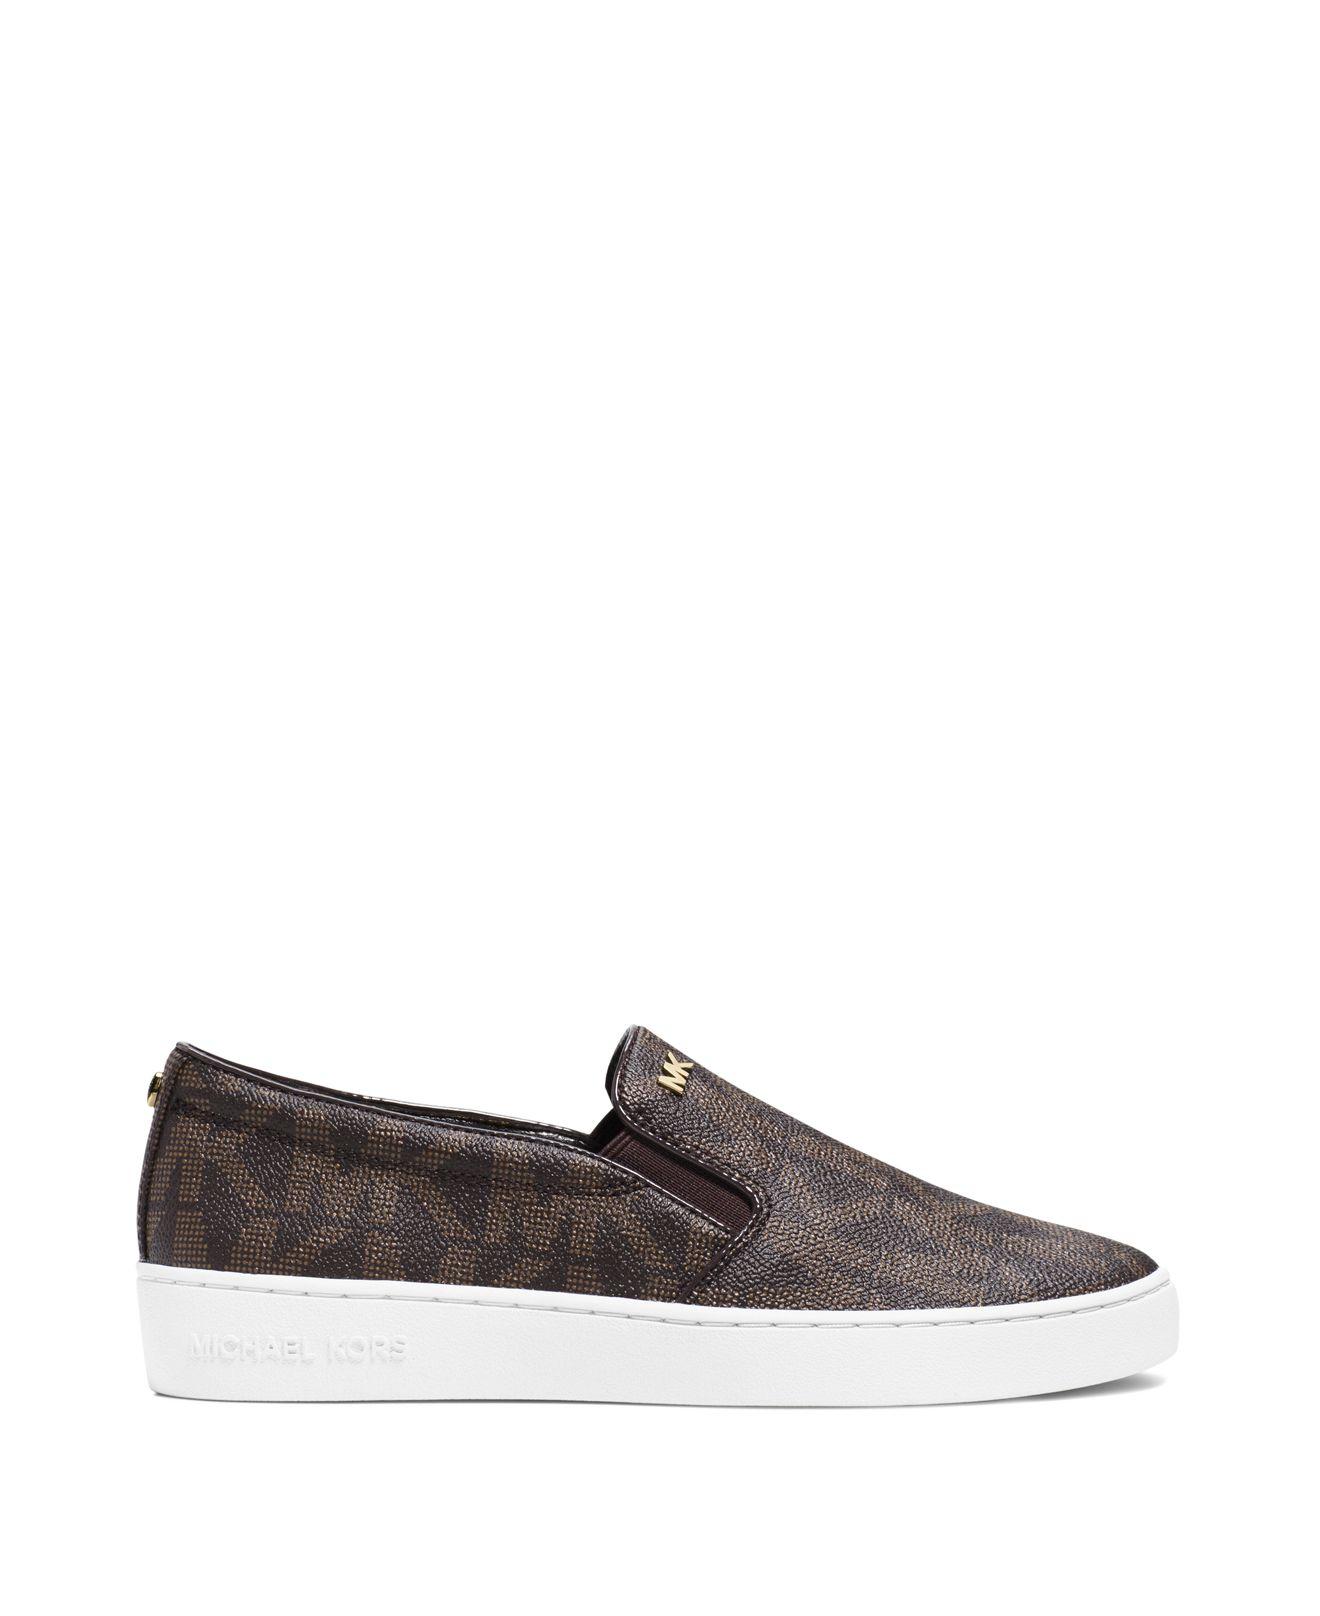 MICHAEL Michael Kors Leather Keaton Logo Slip-on Sneakers in Brown